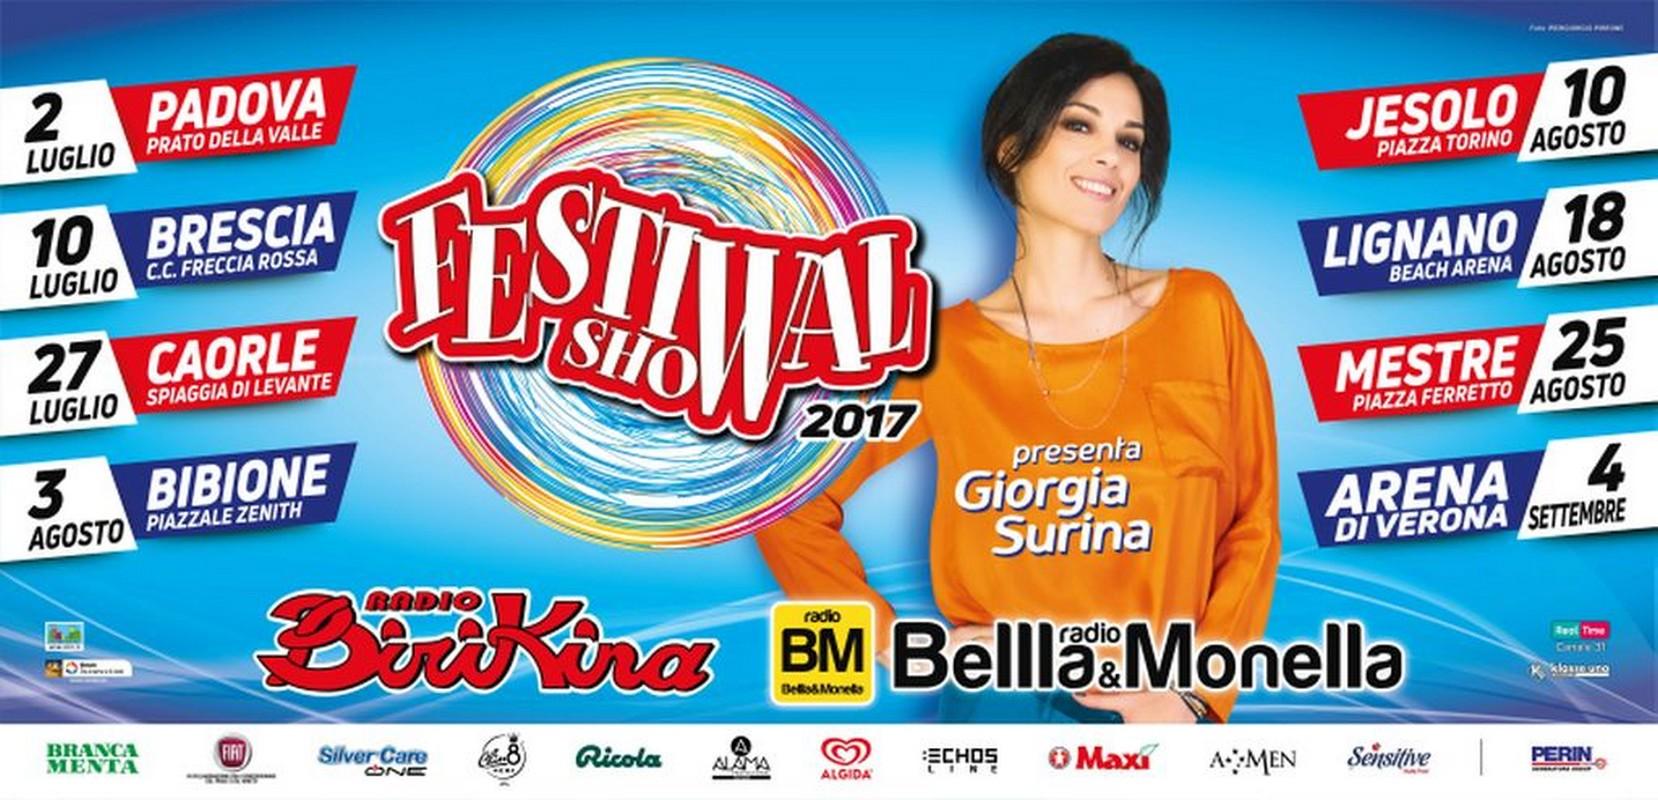 Festival Show 2017